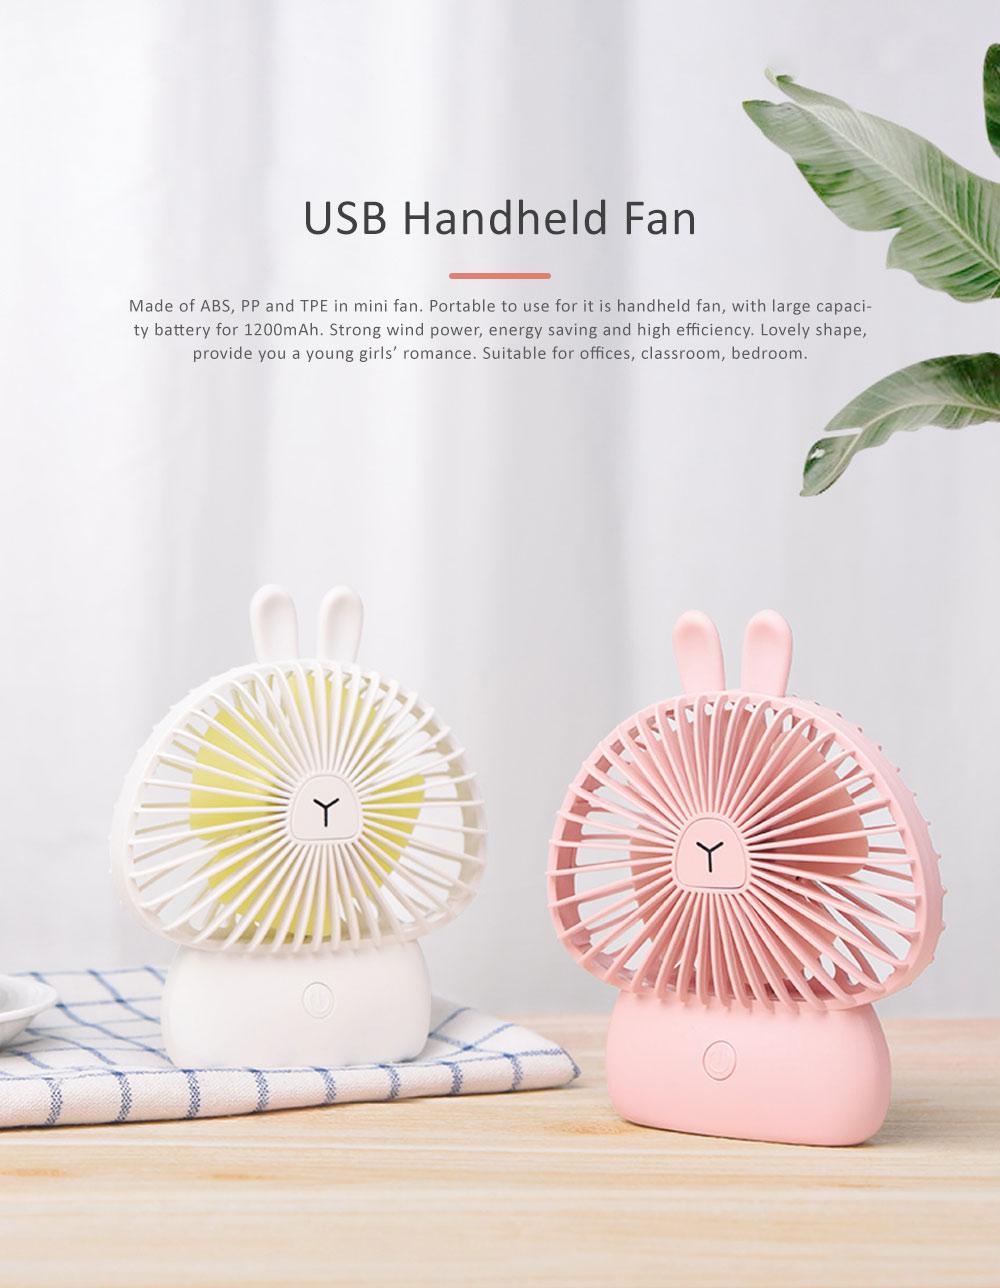 Cute Rechargeable Handheld Fan for Teenager Girls, USB Portable Handheld Mini Noiseless Fan, Desktop Mini Fan 0